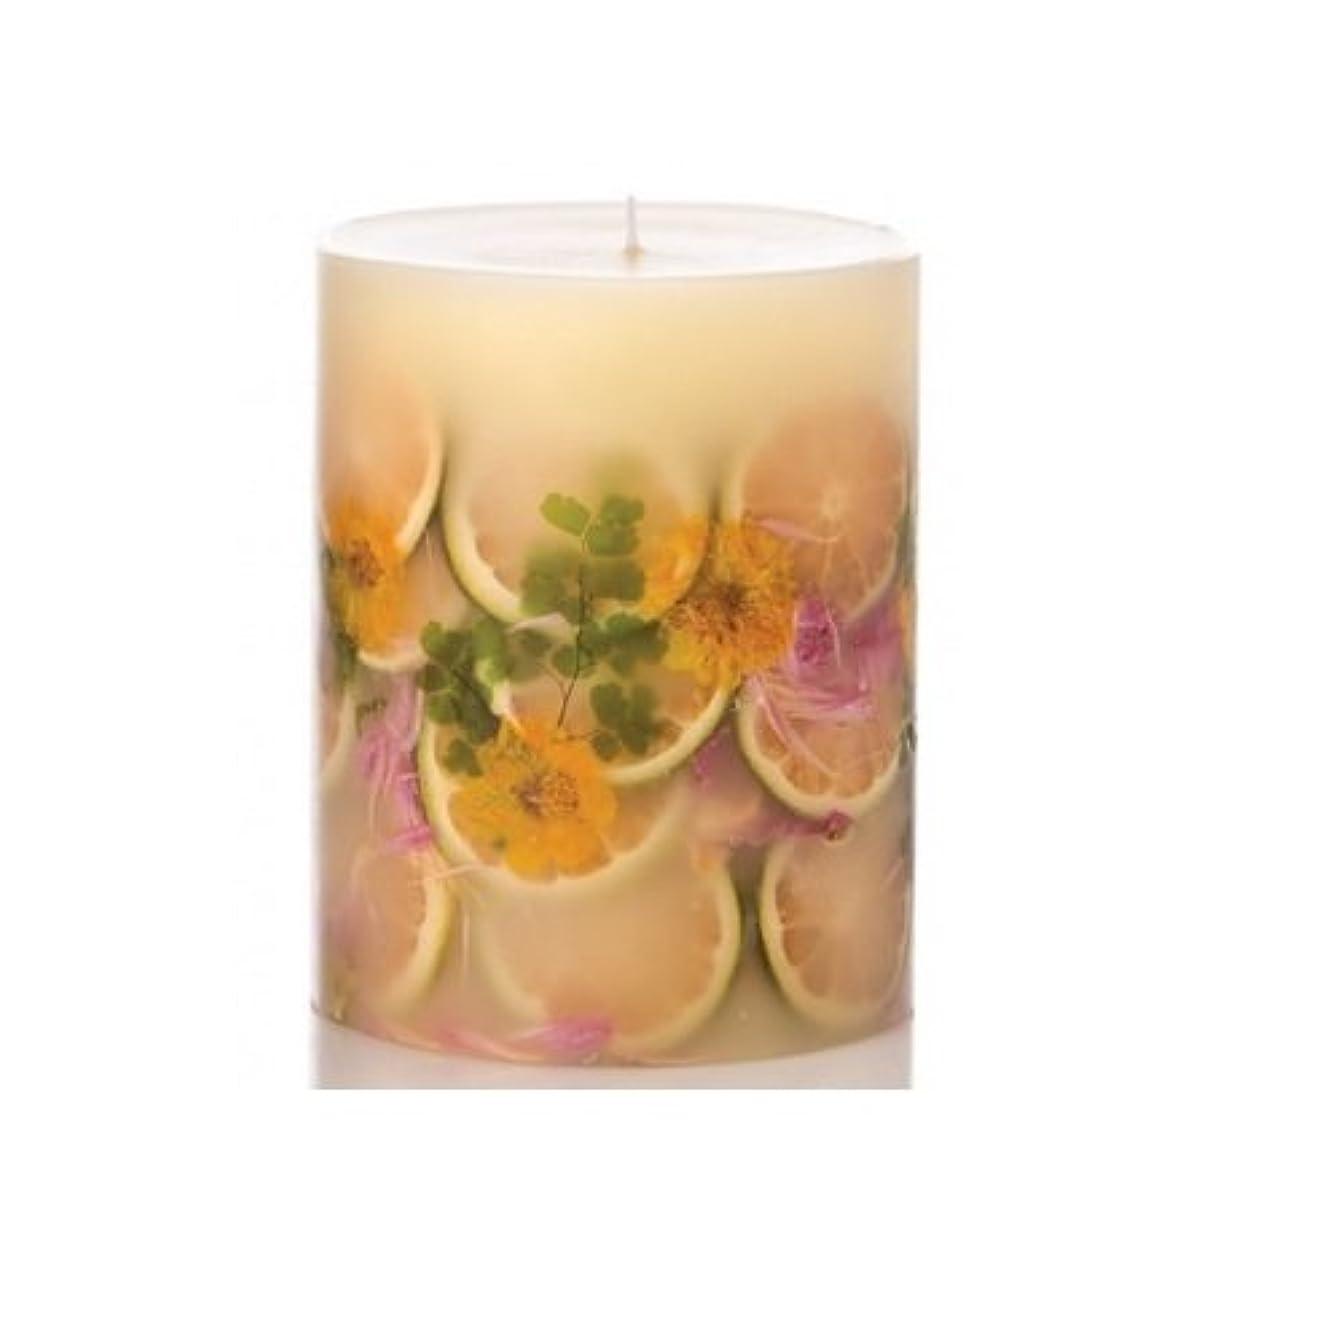 シャックル靴下下手Rosy Rings Lemon Blossom & Lycheeトールラウンド香りのキャンドル、5